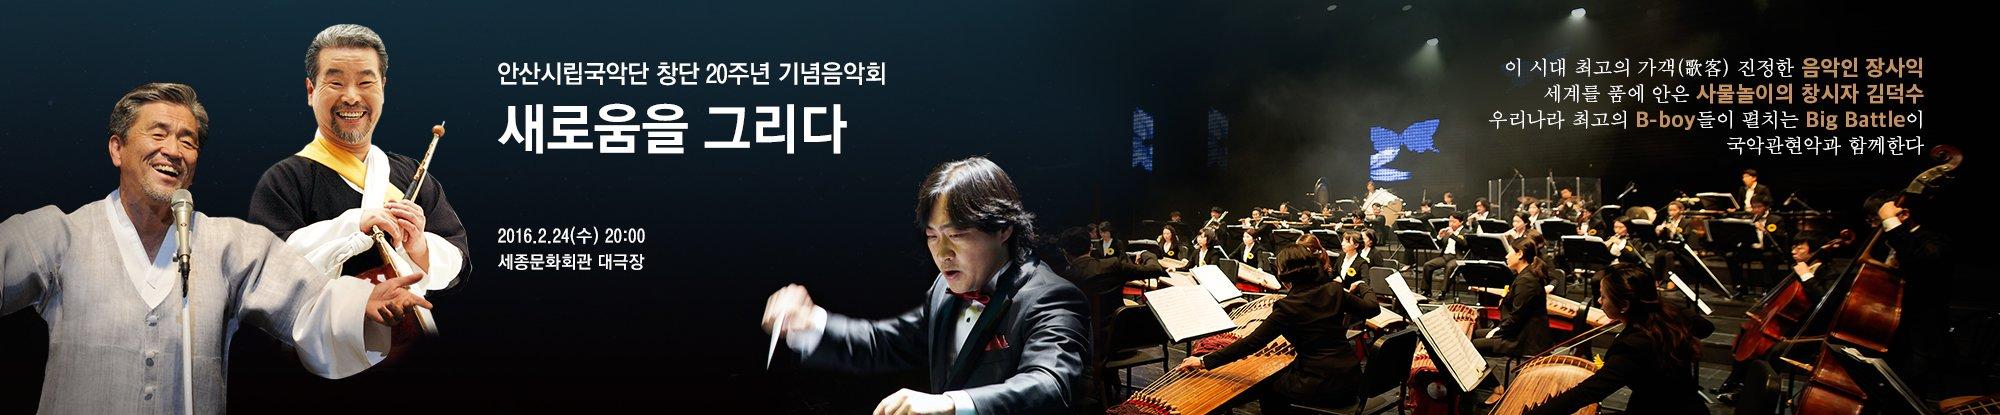 안산시립국악단 창단 20주년 기념음악회